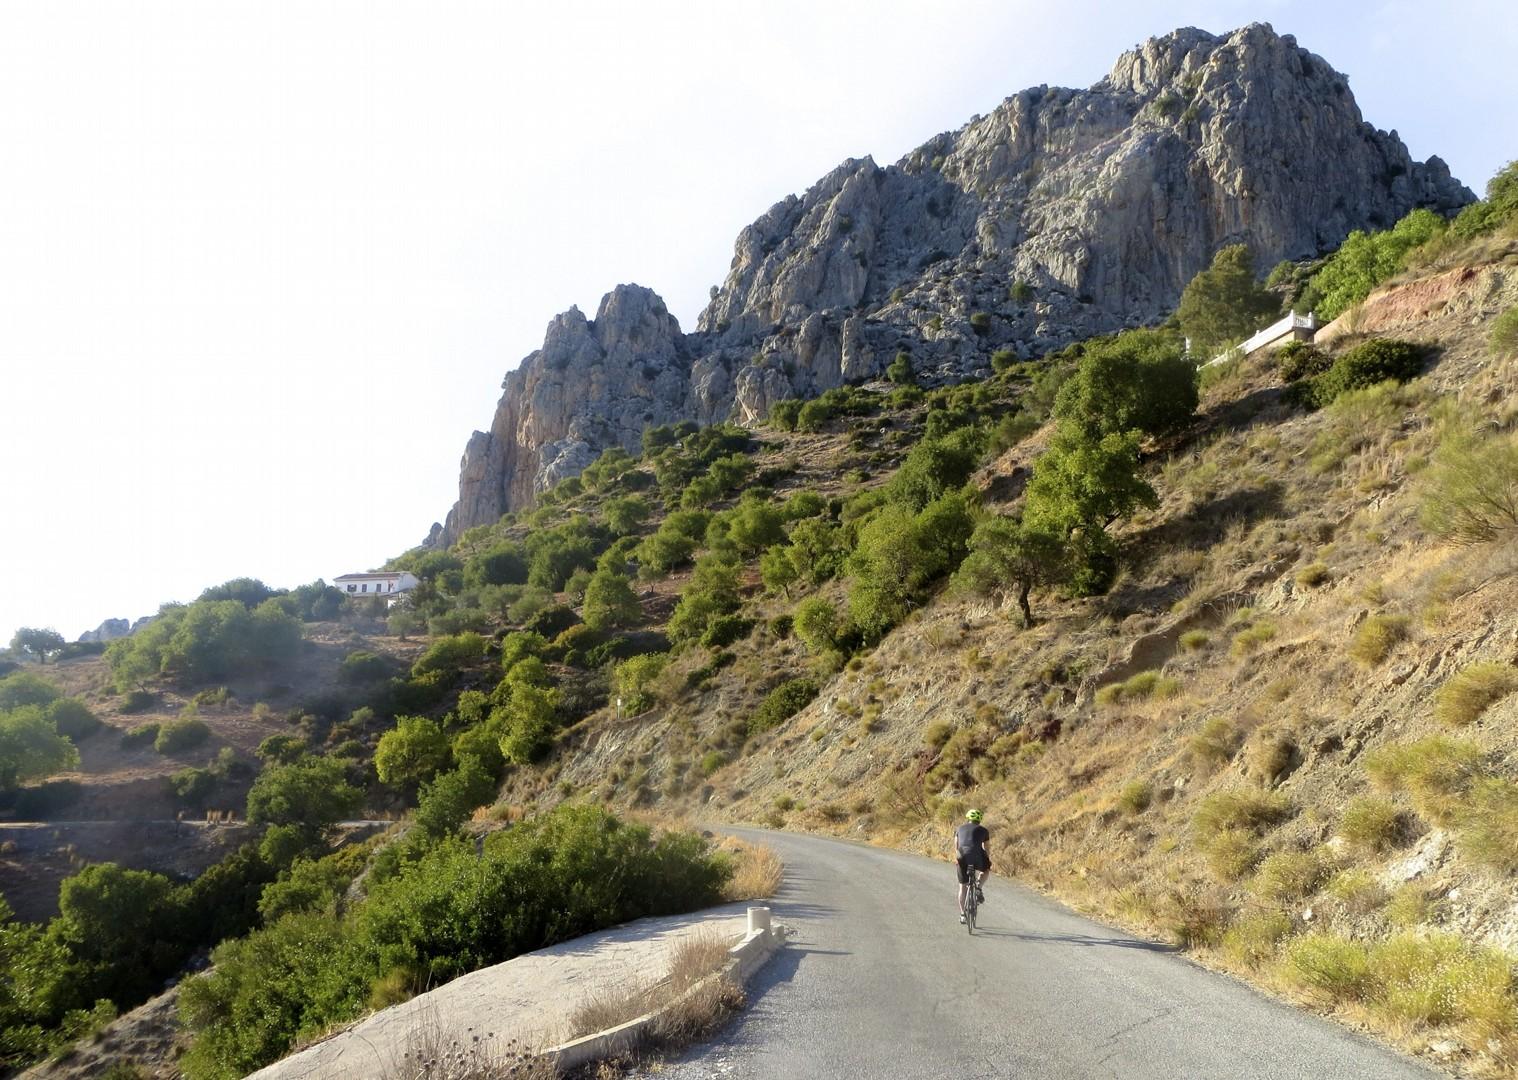 Riojanrolling12.jpg - Northern Spain - Rioja - Ruta del Vino - Guided Road Cycling Holiday - Road Cycling